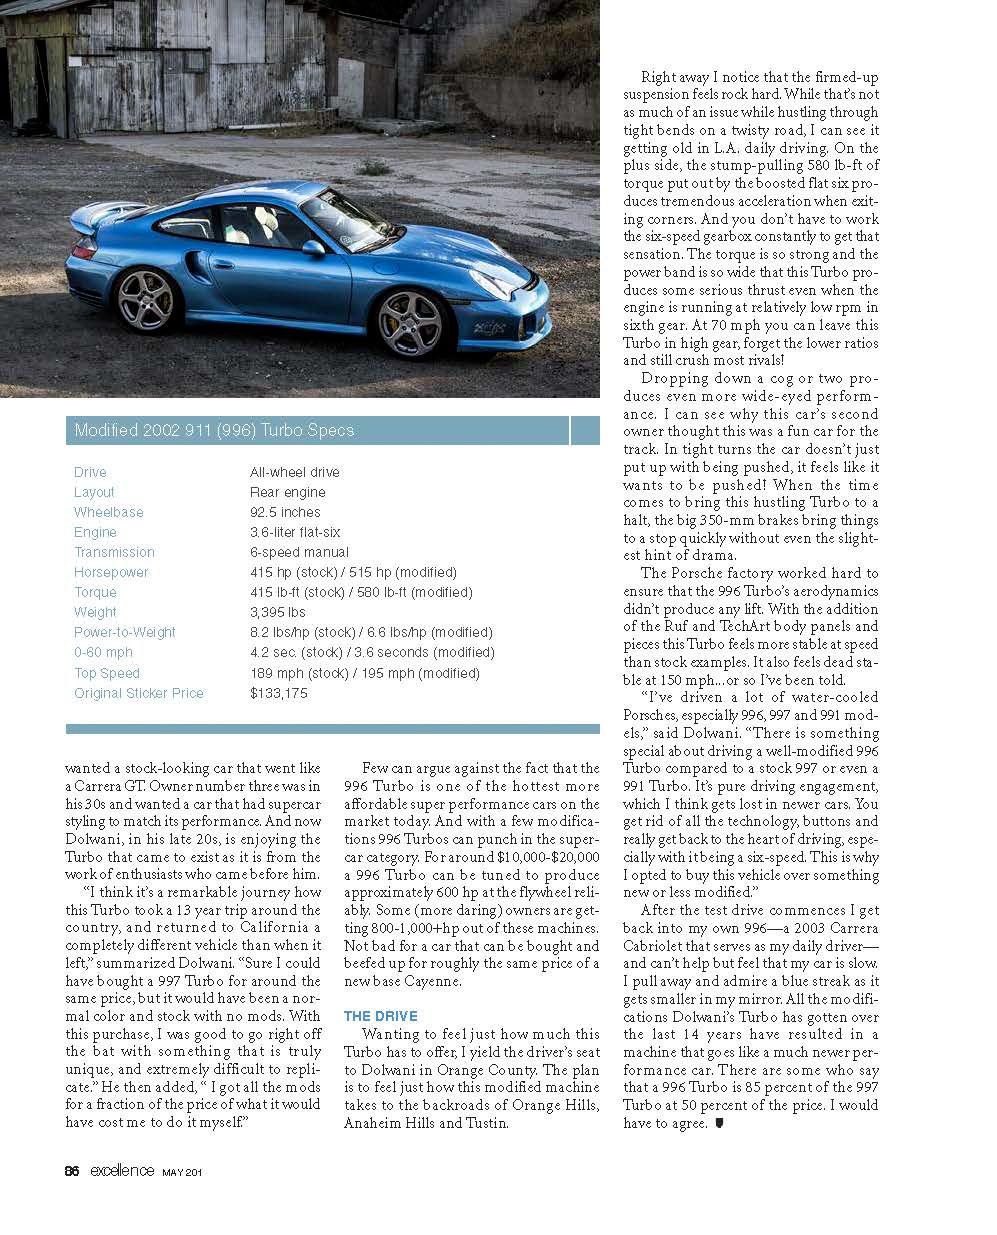 SK_PorscheExcellence-3.jpg